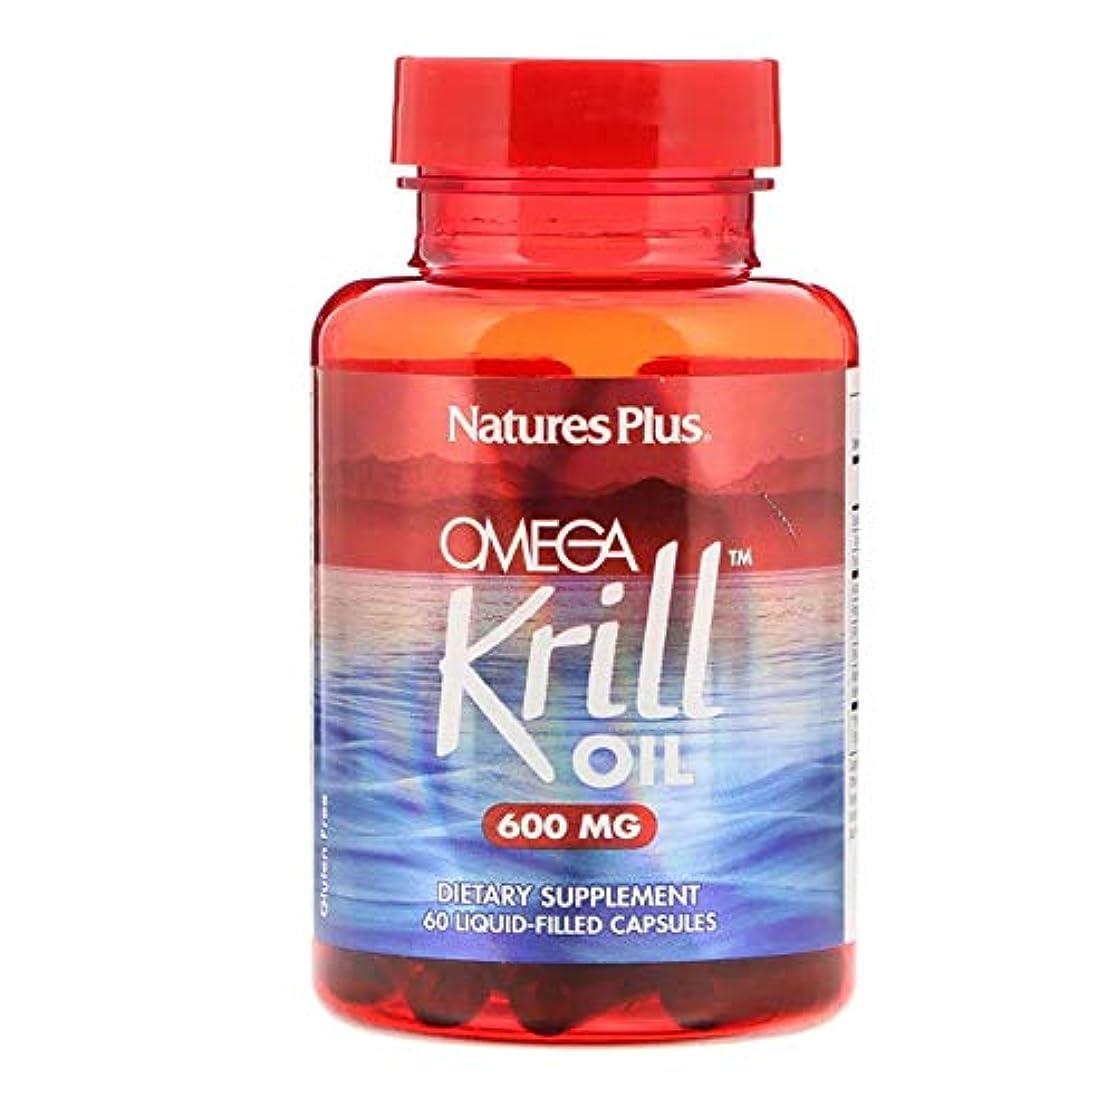 半導体堤防クレアNature's Plus オメガ クリルオイル 600 mg 60 液体カプセル 【アメリカ直送】